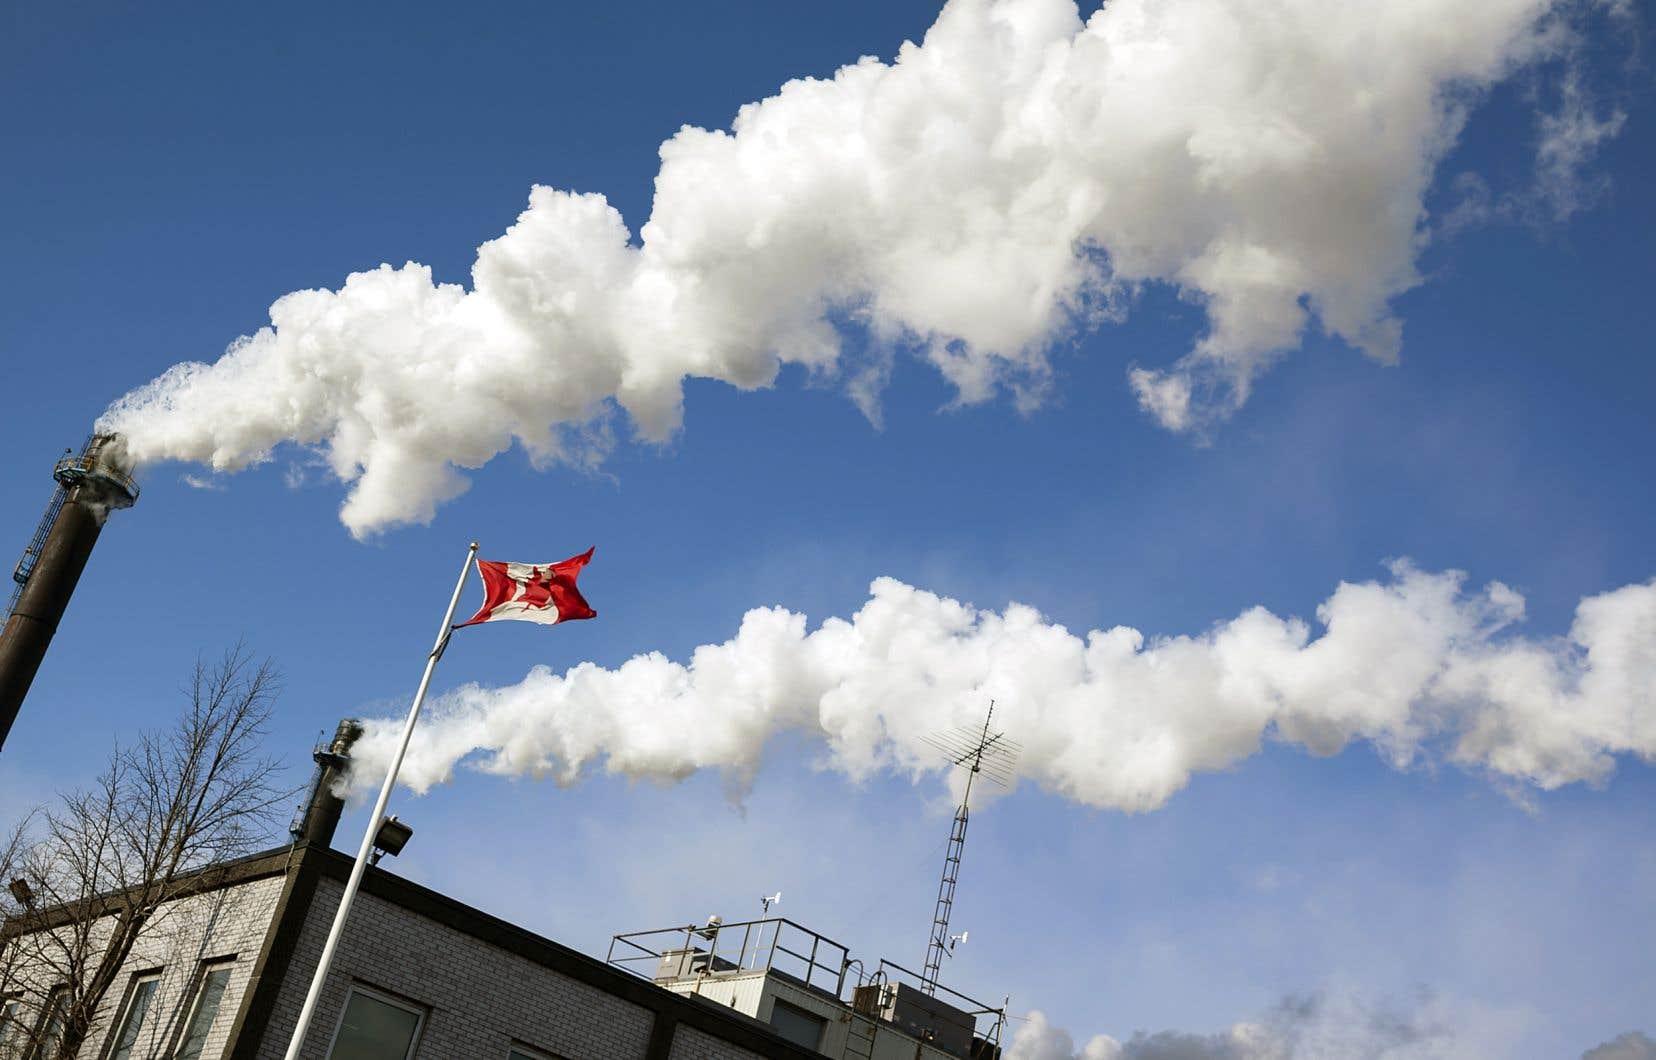 Doug Ford, nouvellement élu premier ministre de l'Ontario, a promis de mettre fin au système de plafonnement et d'échange de droits d'émission et de contrer la taxe fédérale sur le carbone.